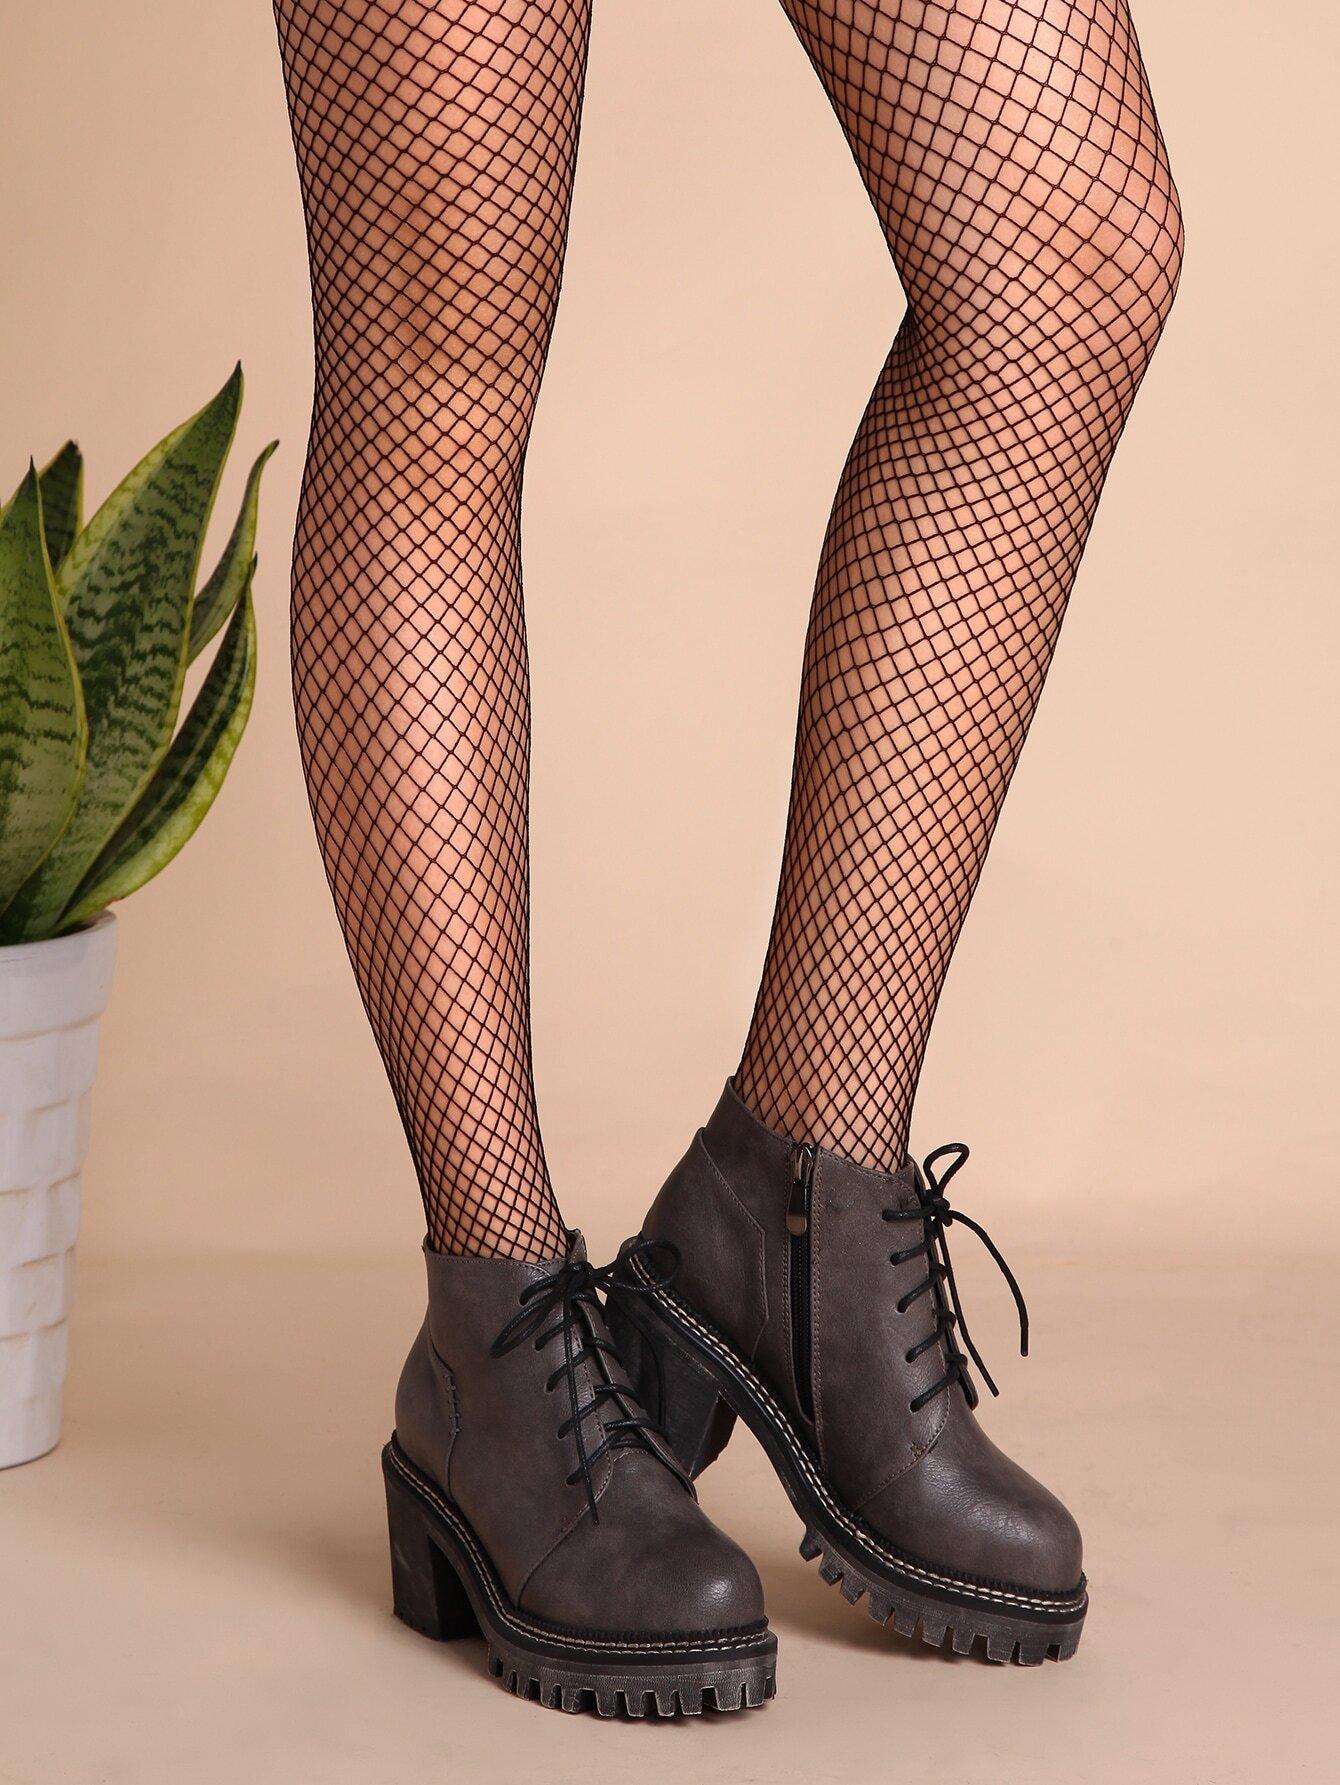 shoes161014811_2